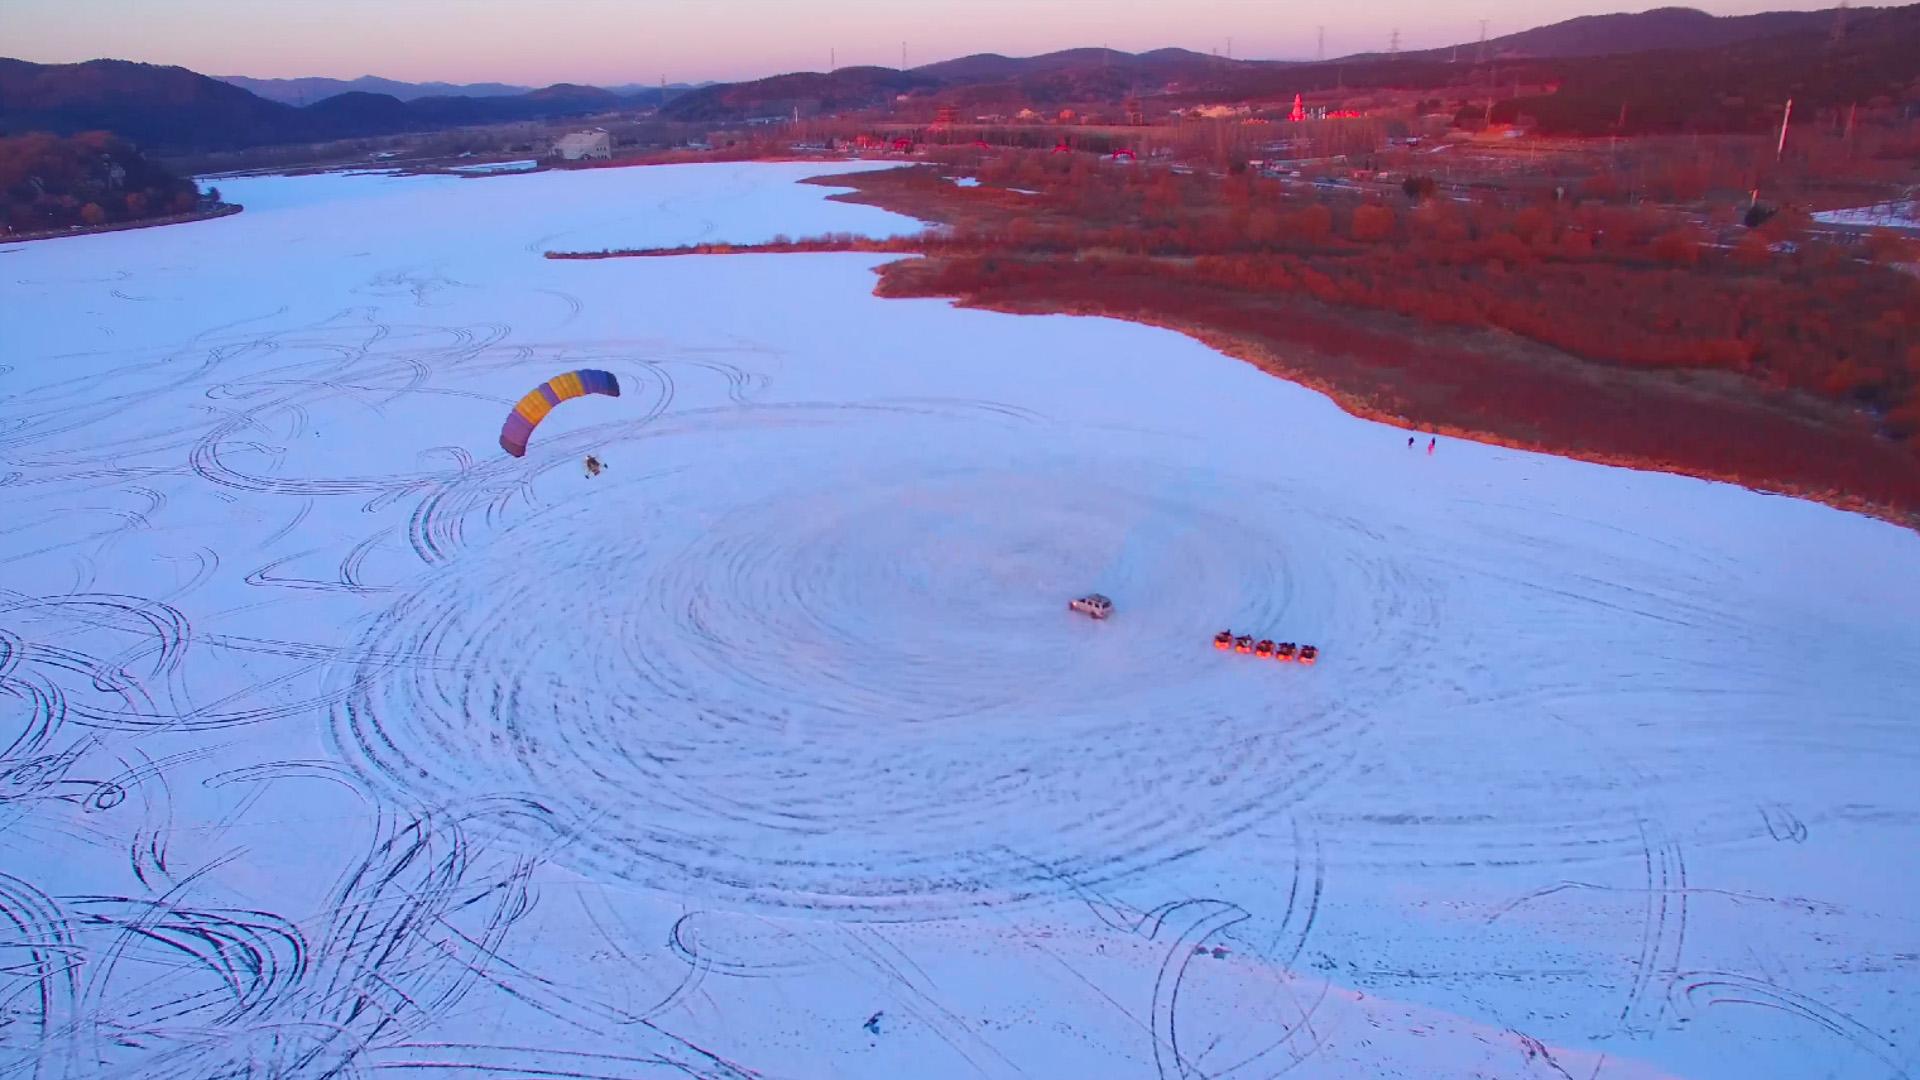 雪后棋盘山 尽显沈阳大美风光